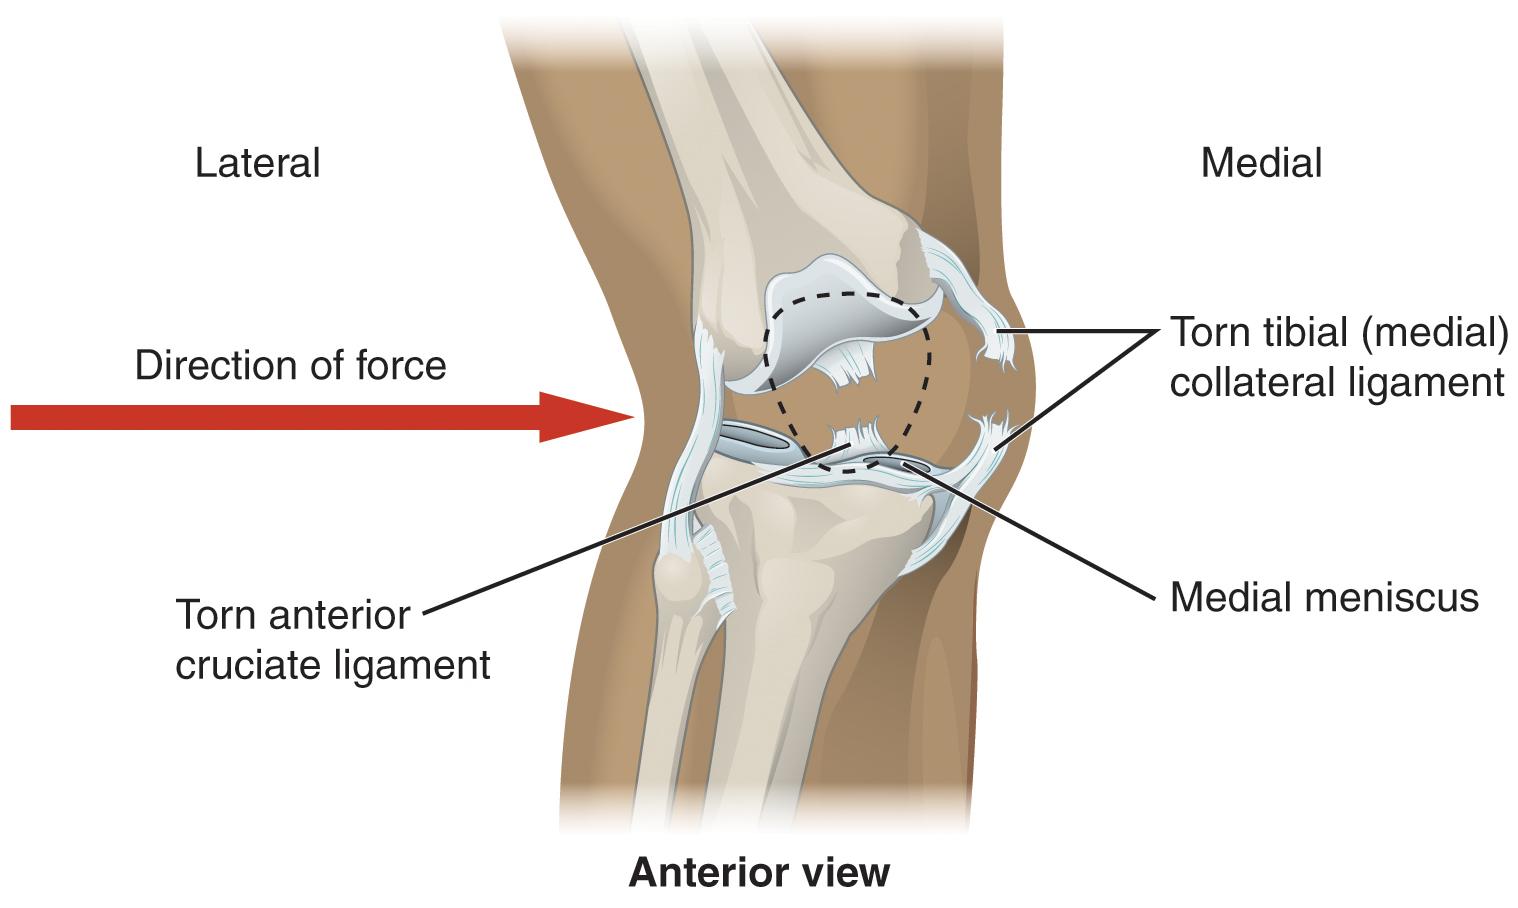 Das kniegelenk anatomie der unteren extremitt labeled diagram of a knee injury pooptronica